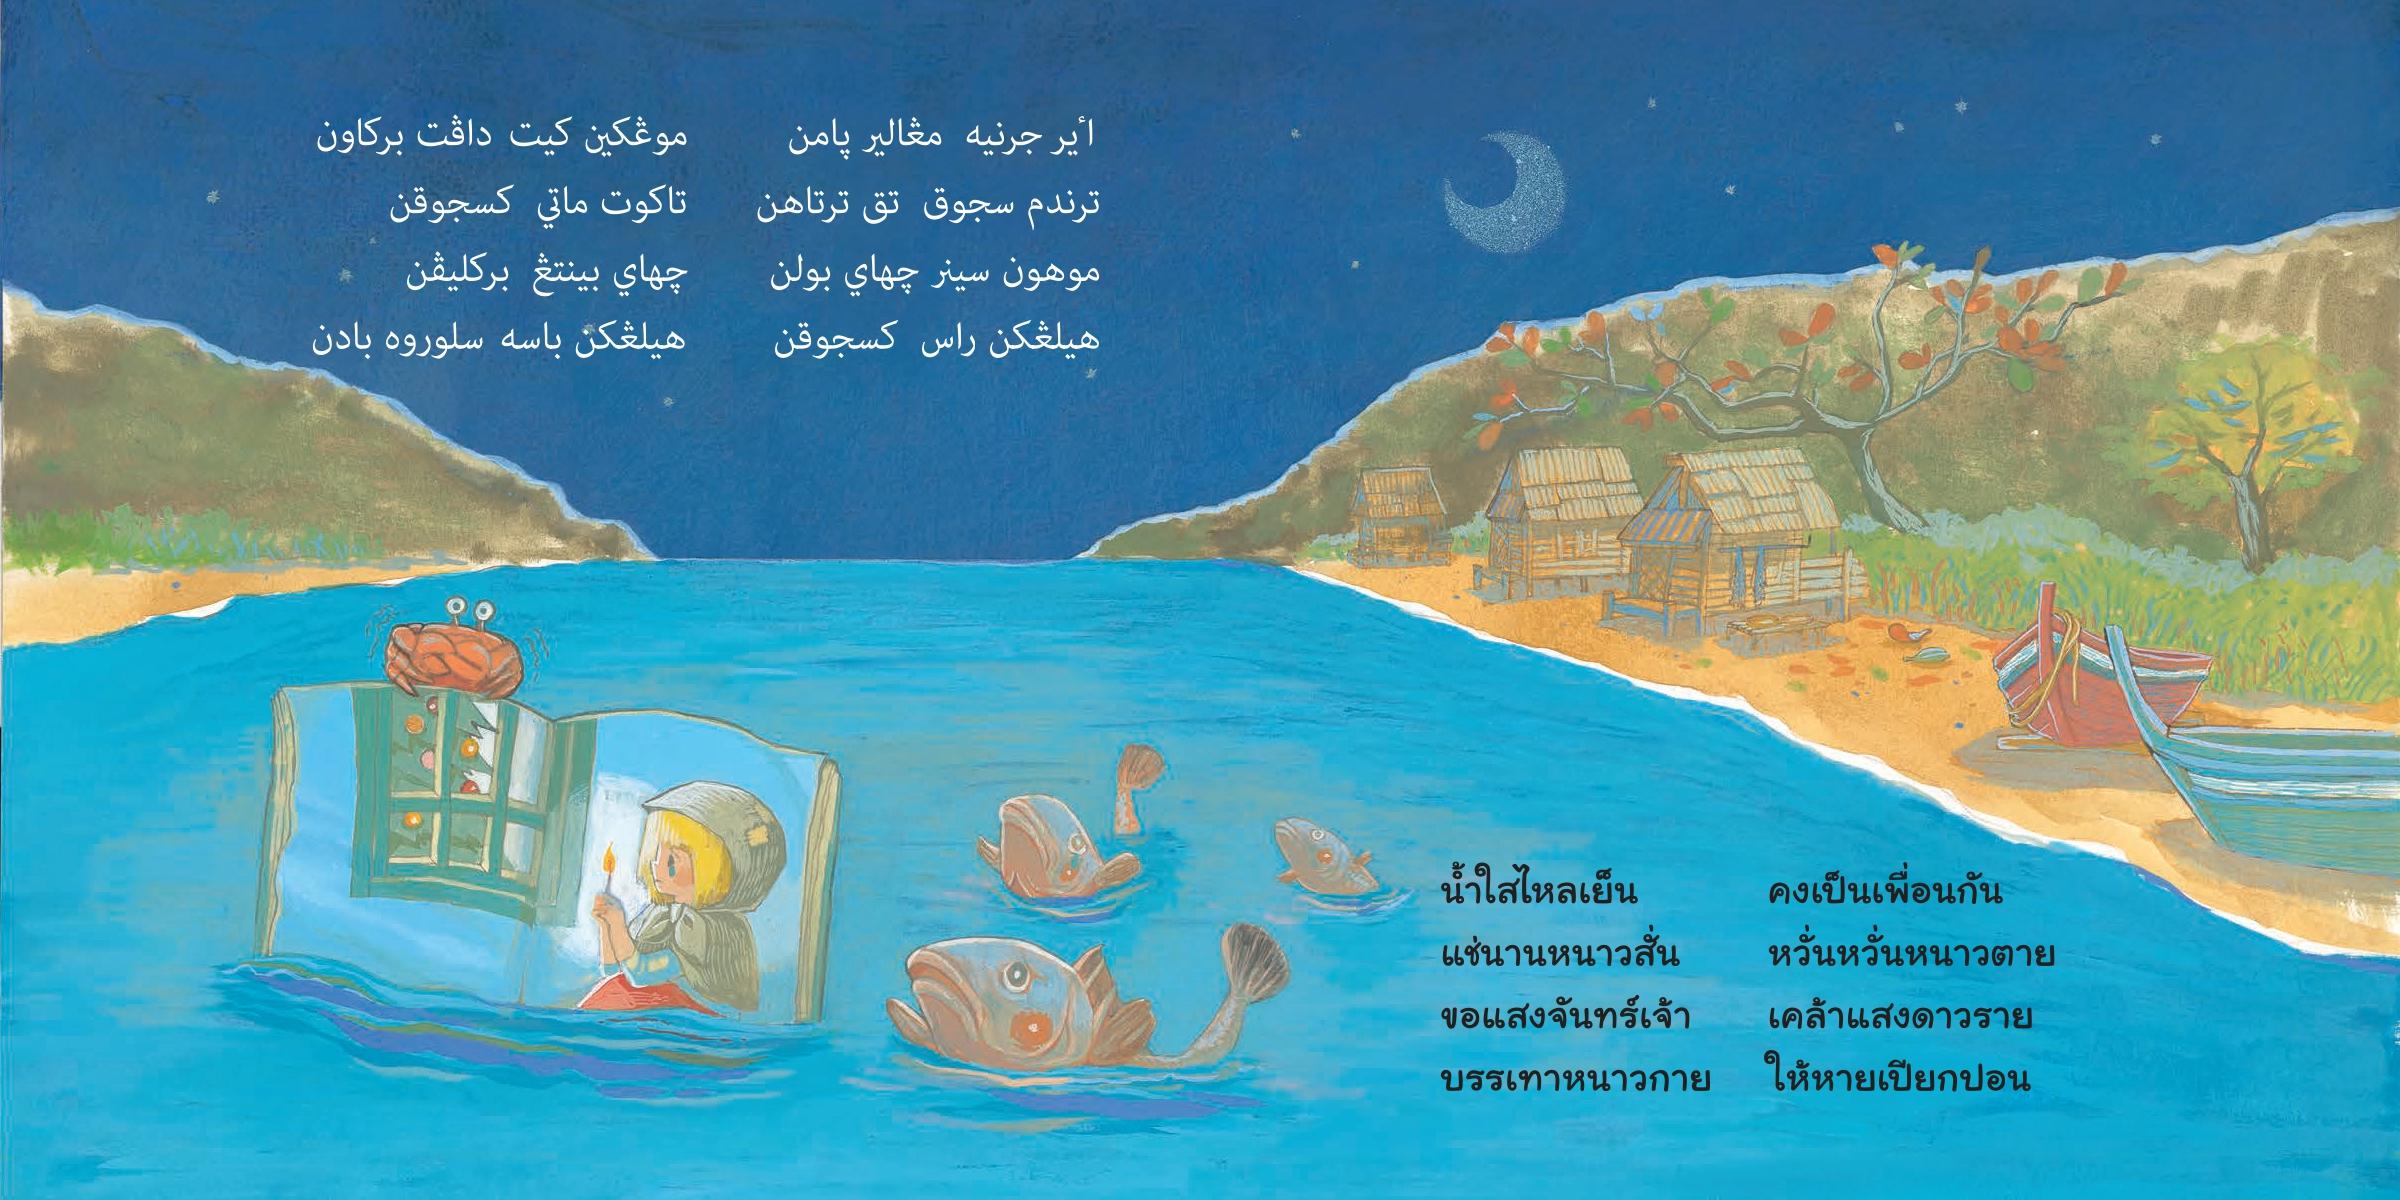 หนังสืออยากมีเพื่อน (ภาษามลายู)